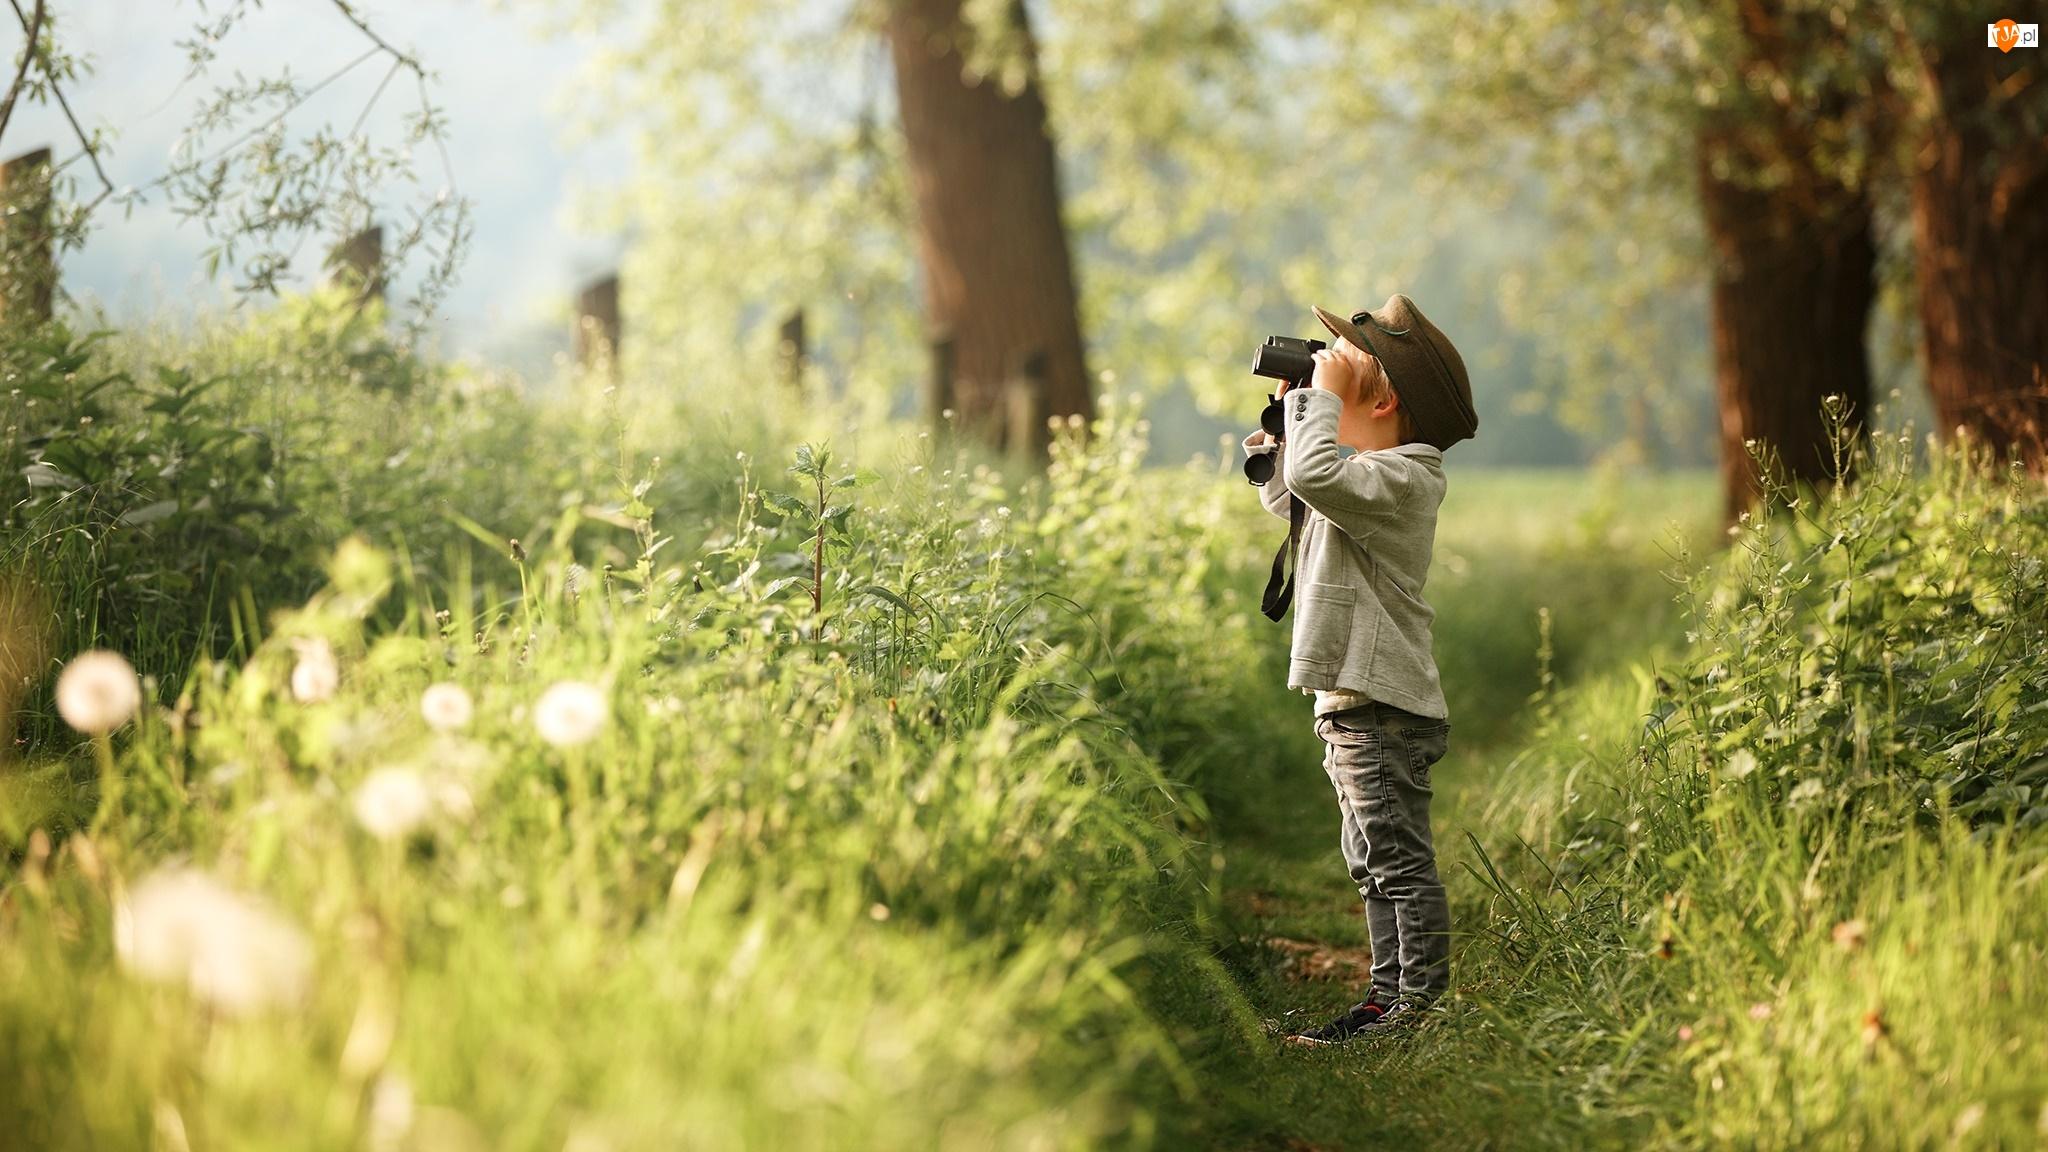 Rośliny, Dziecko, Lornetka, Ścieżka